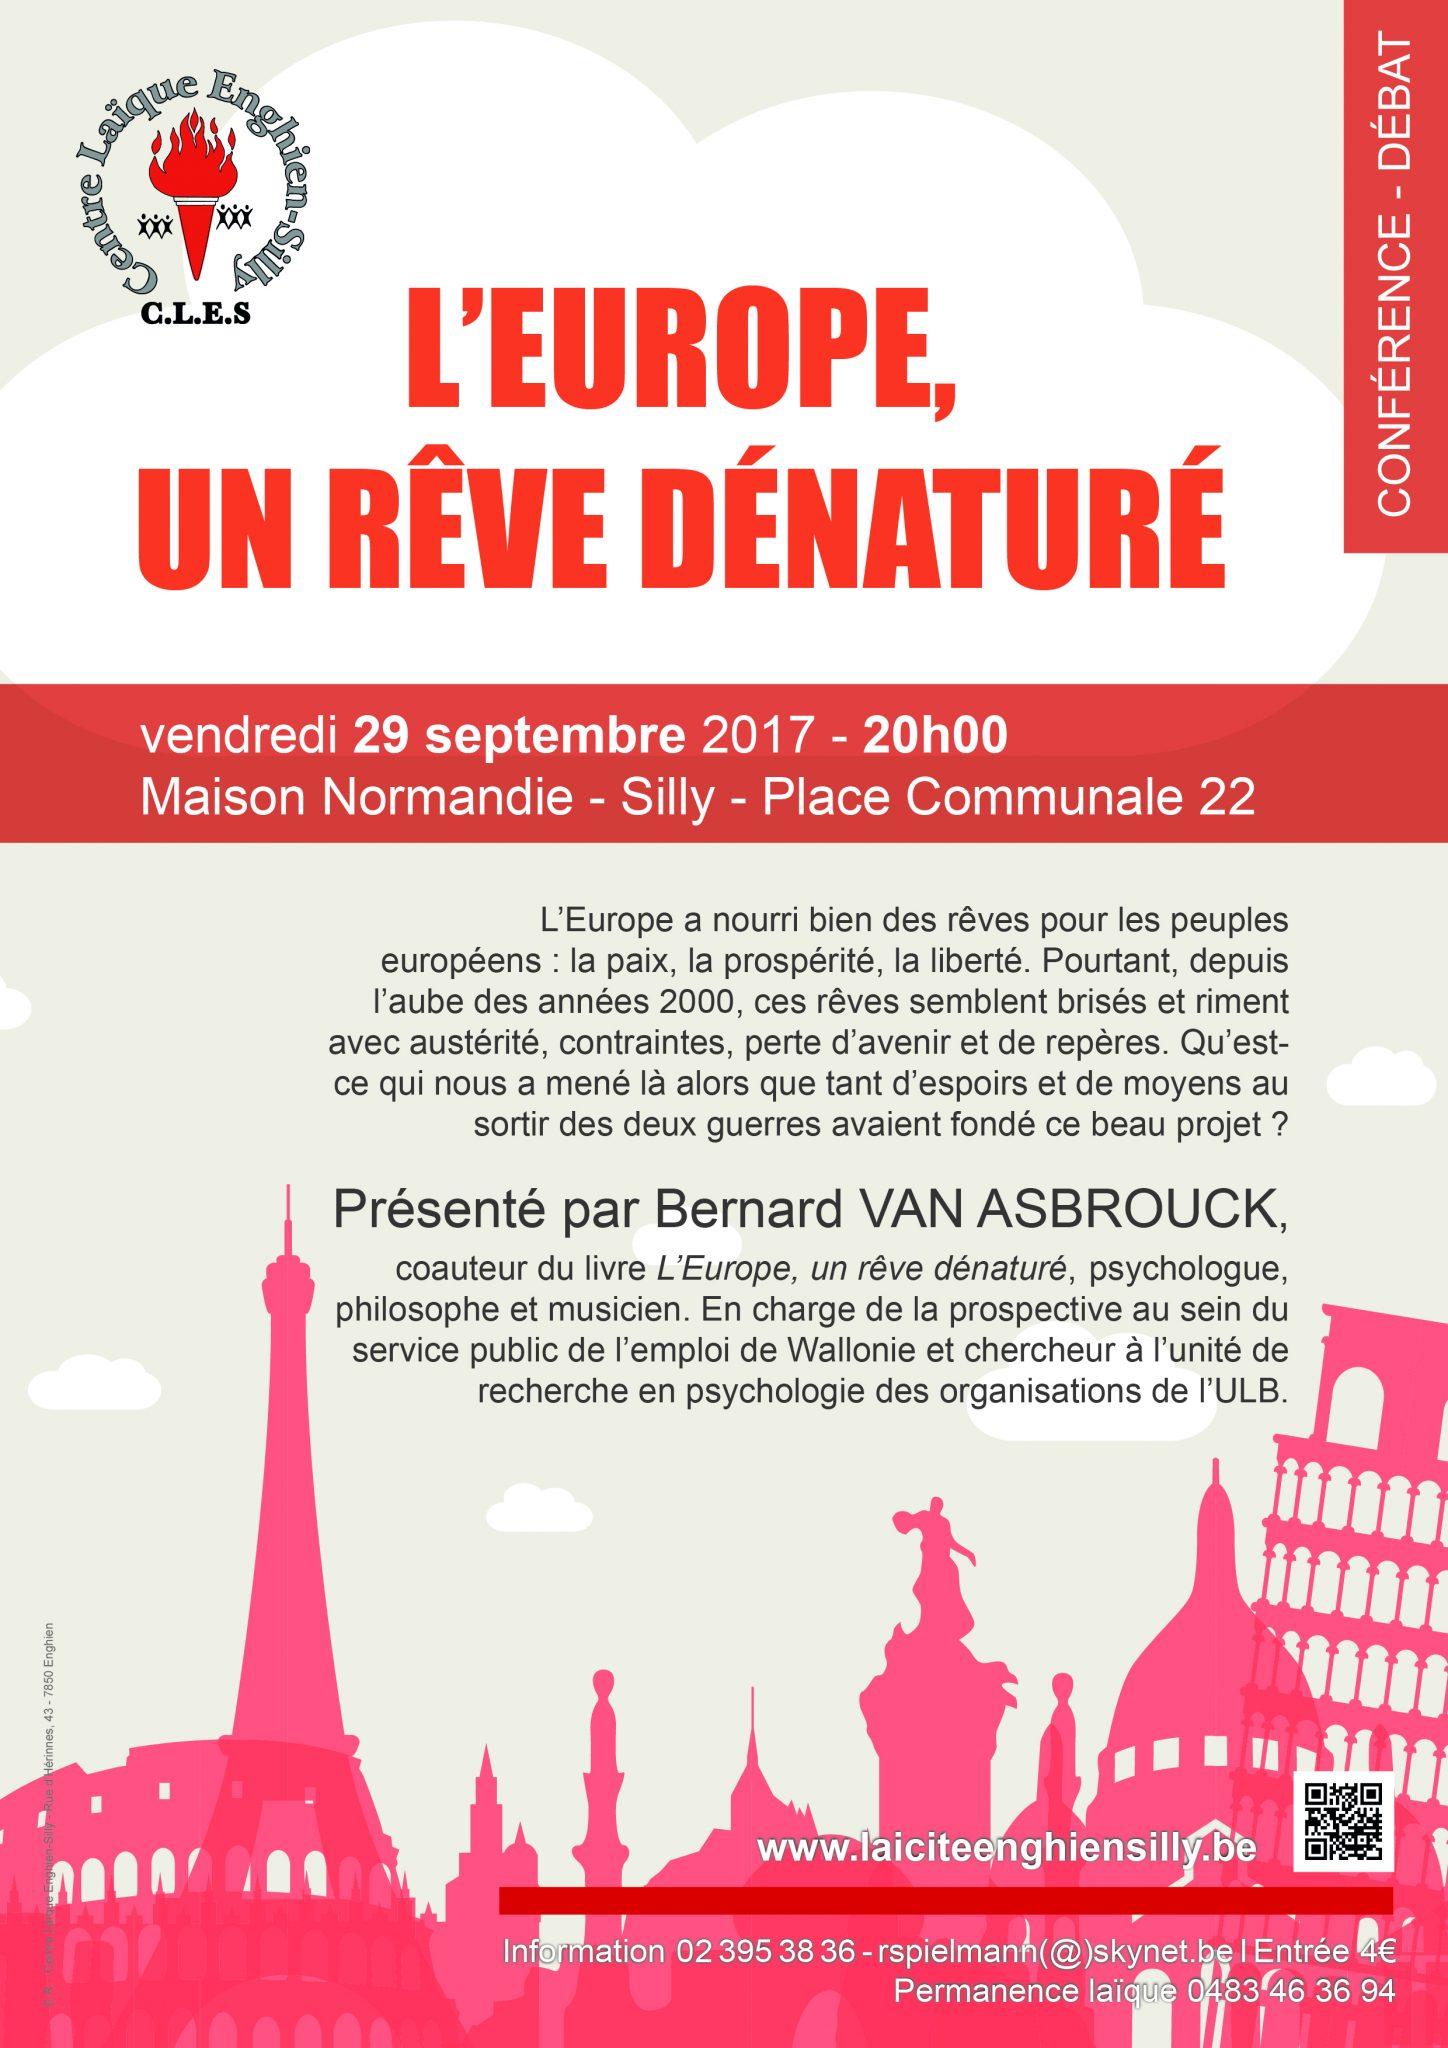 Laïcité Belgique - Centre Laïque Enghien-Silly - Europe